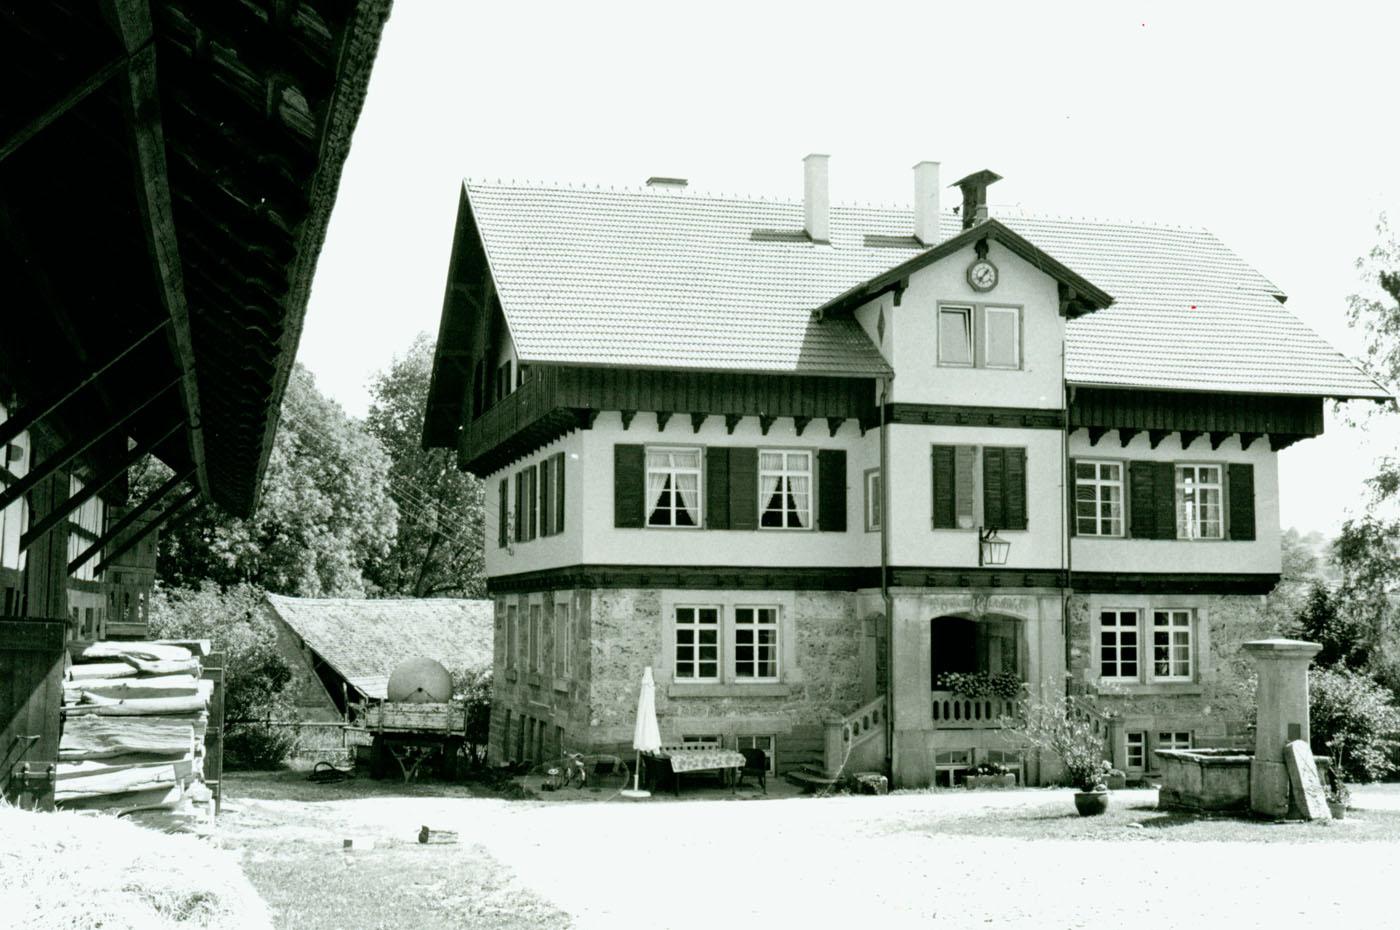 Kaum verändert: Das Gutshaus sieht auch heute aus wie vor hundert Jahren.